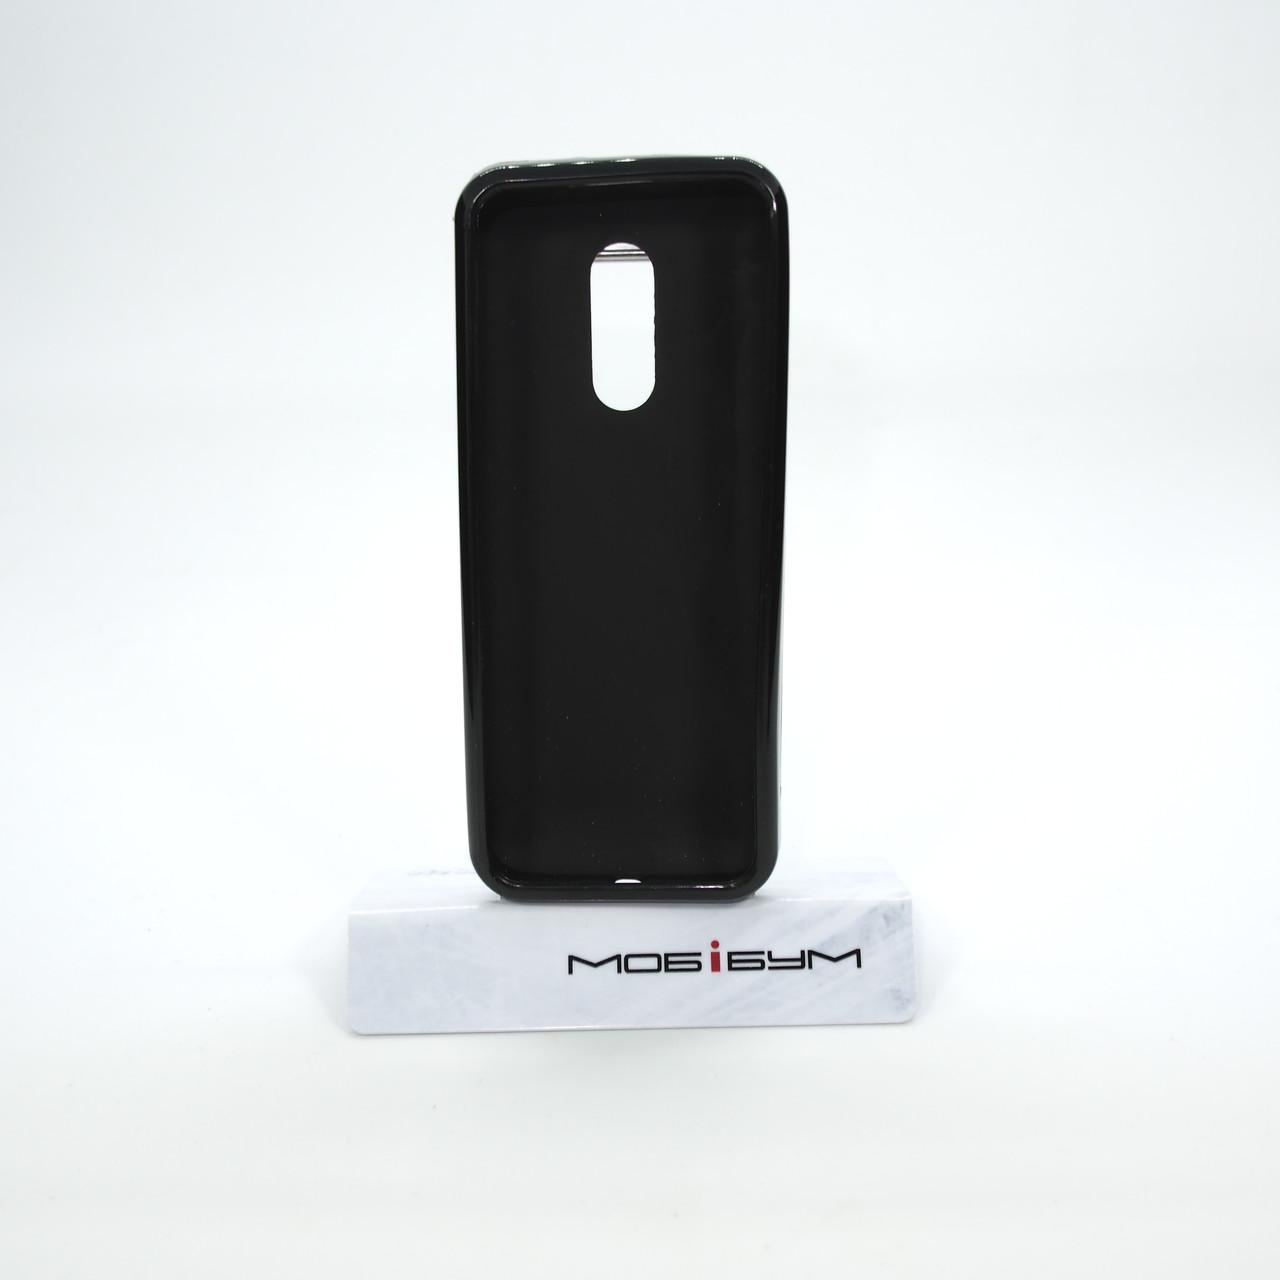 Чехол Silicon Nokia 105 black Для телефона